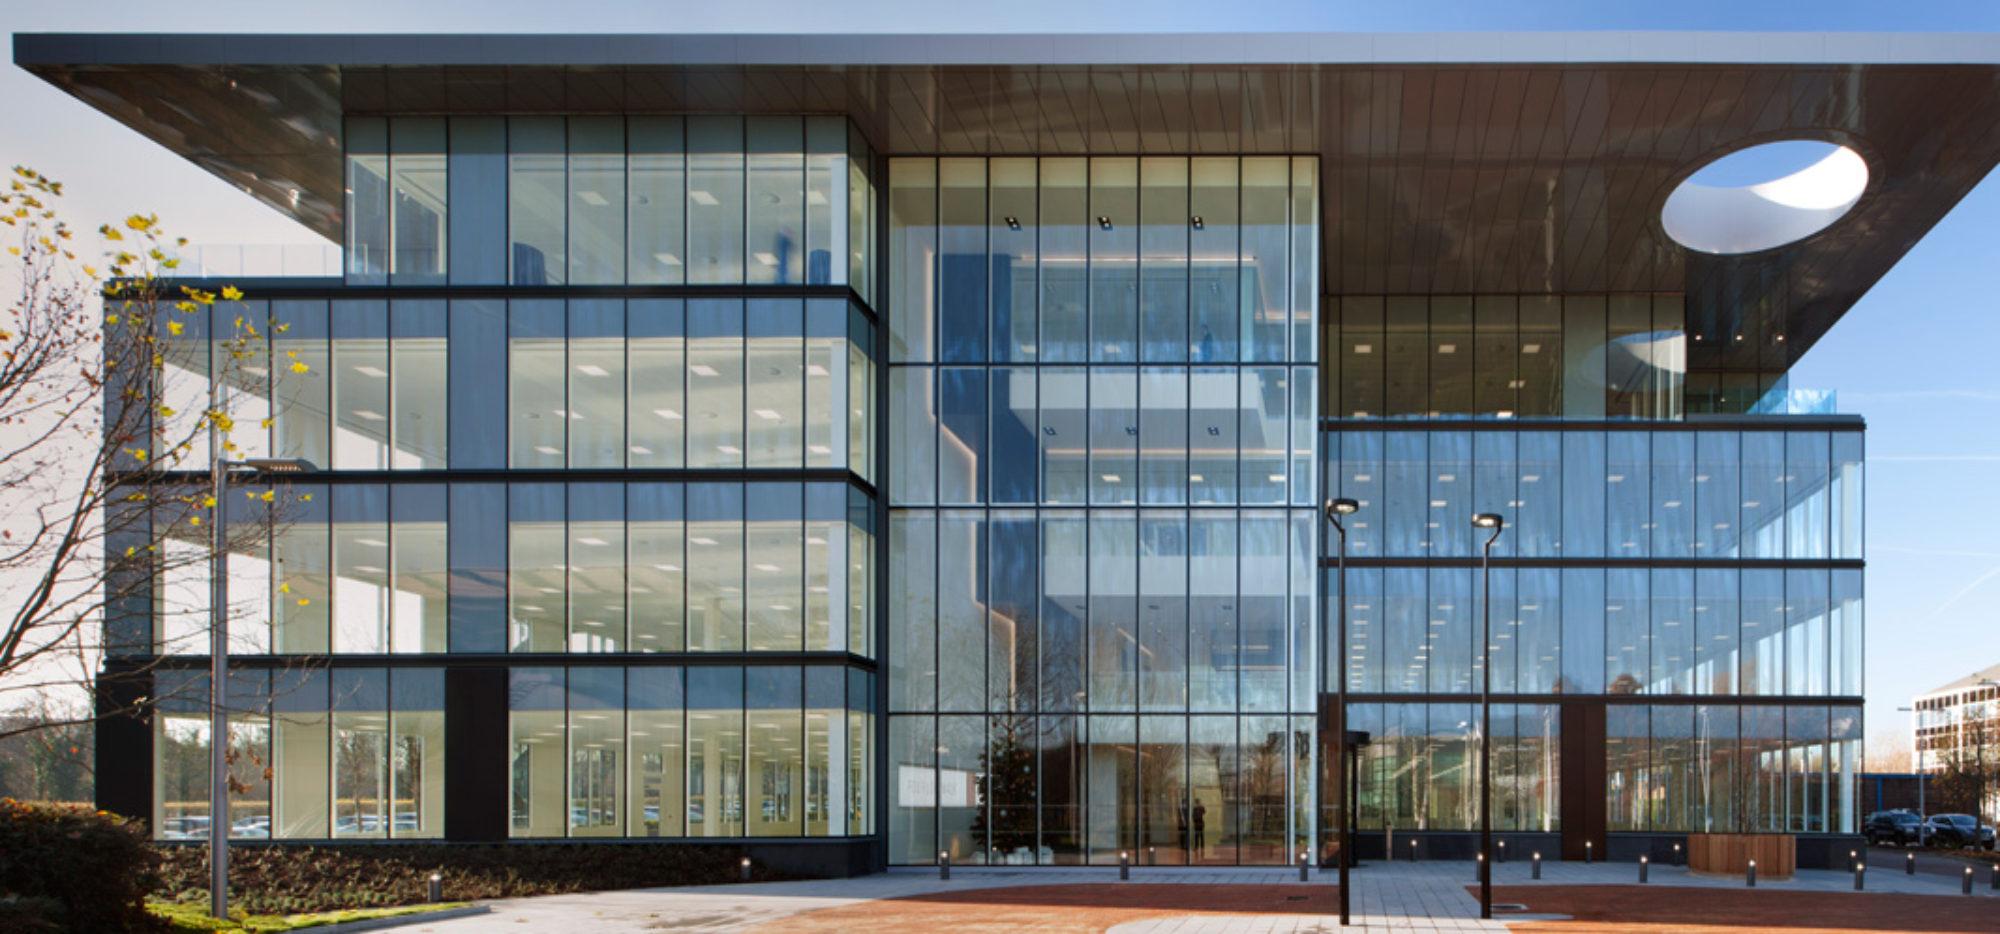 Okna, drzwi, fasady, ścianki - aluminiowe systemy budowlane